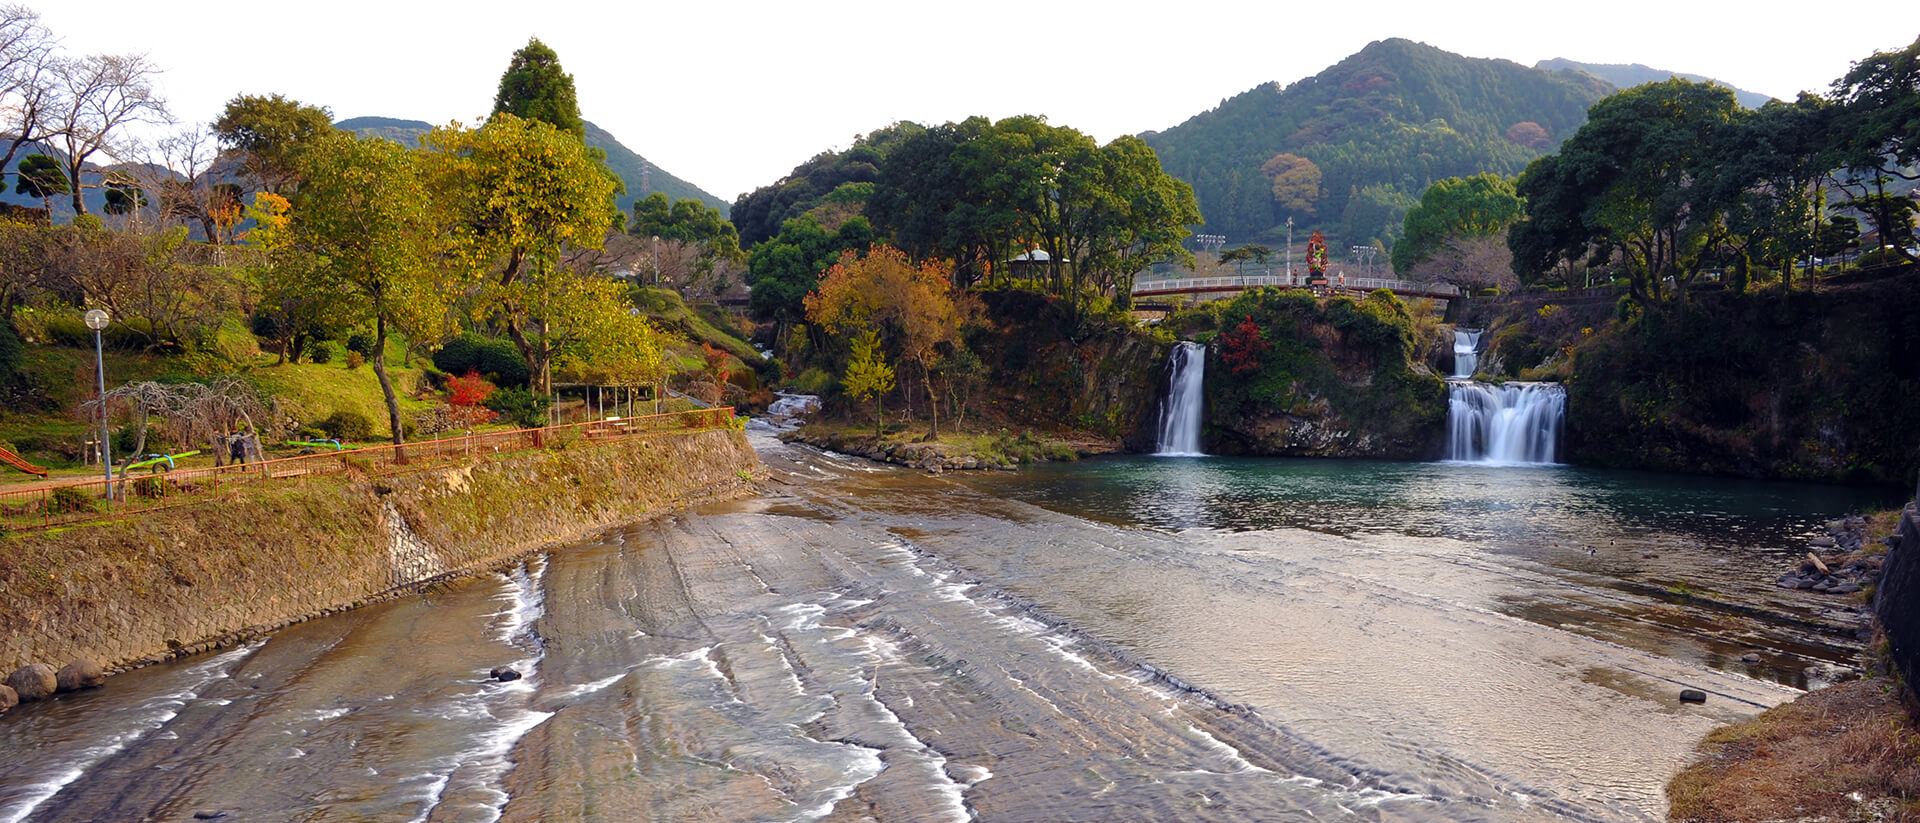 Ureshino, Japan